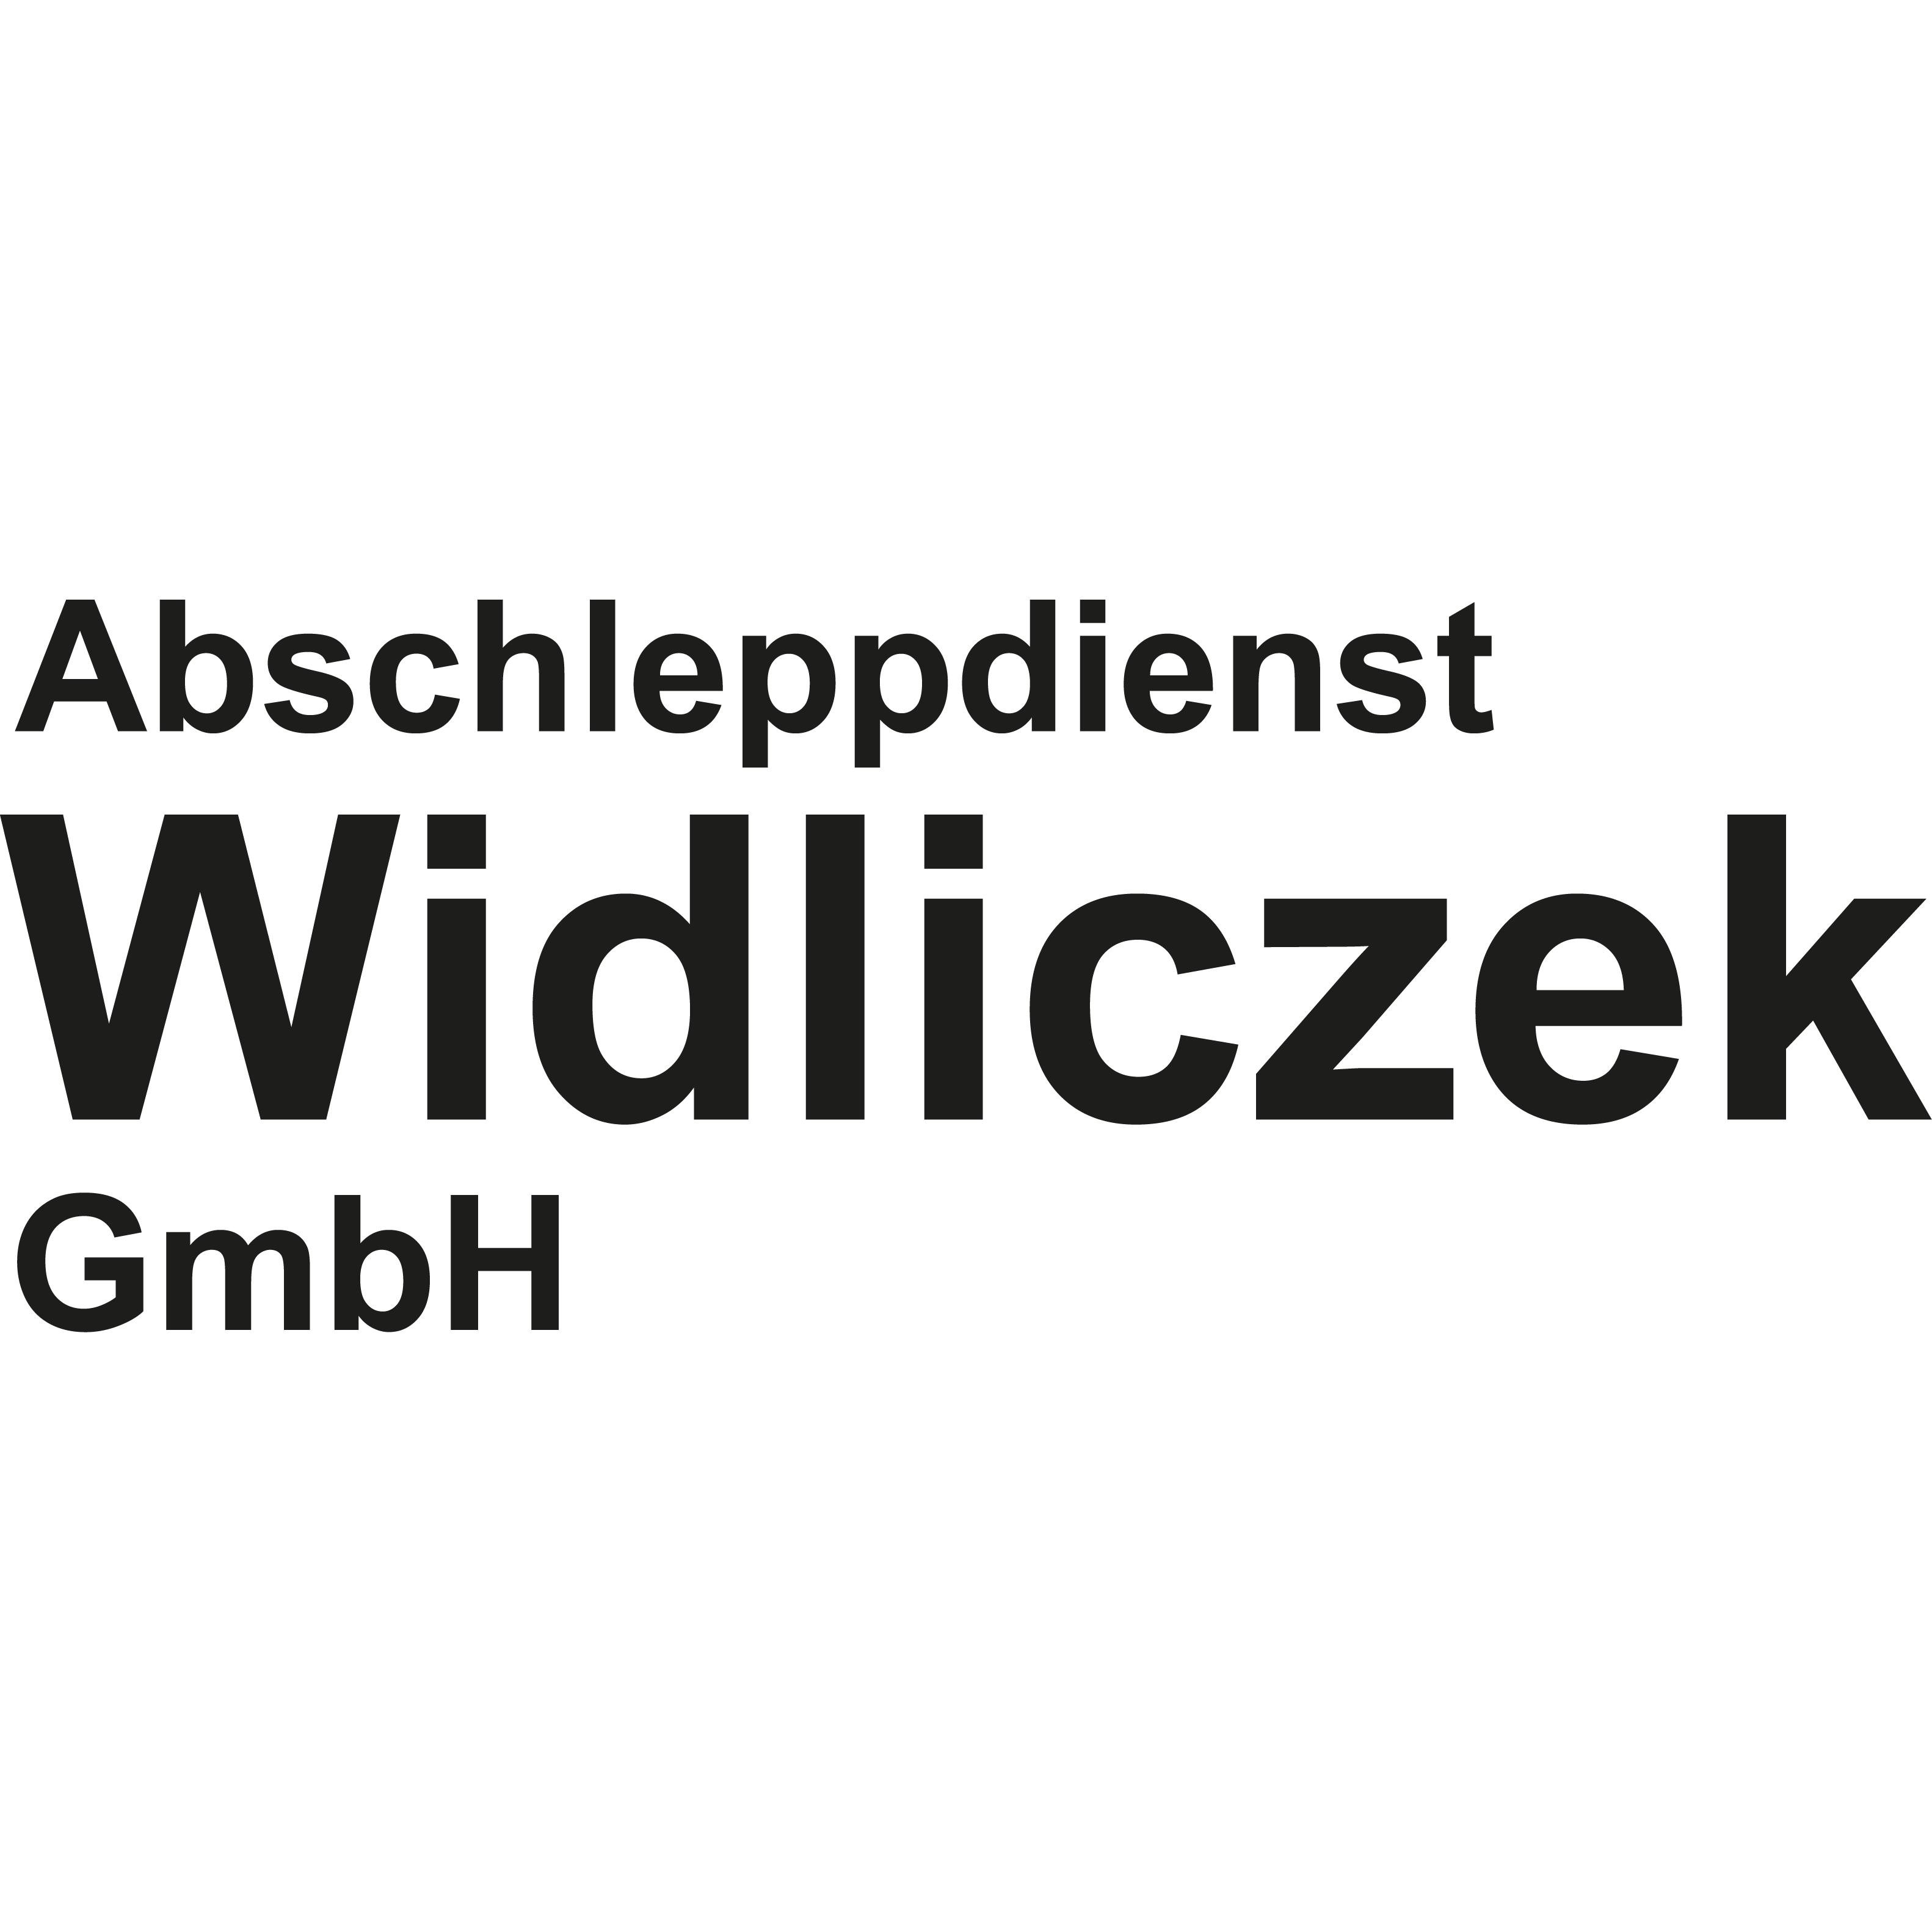 Bild zu Abschleppdienst Widliczek GmbH in Dortmund